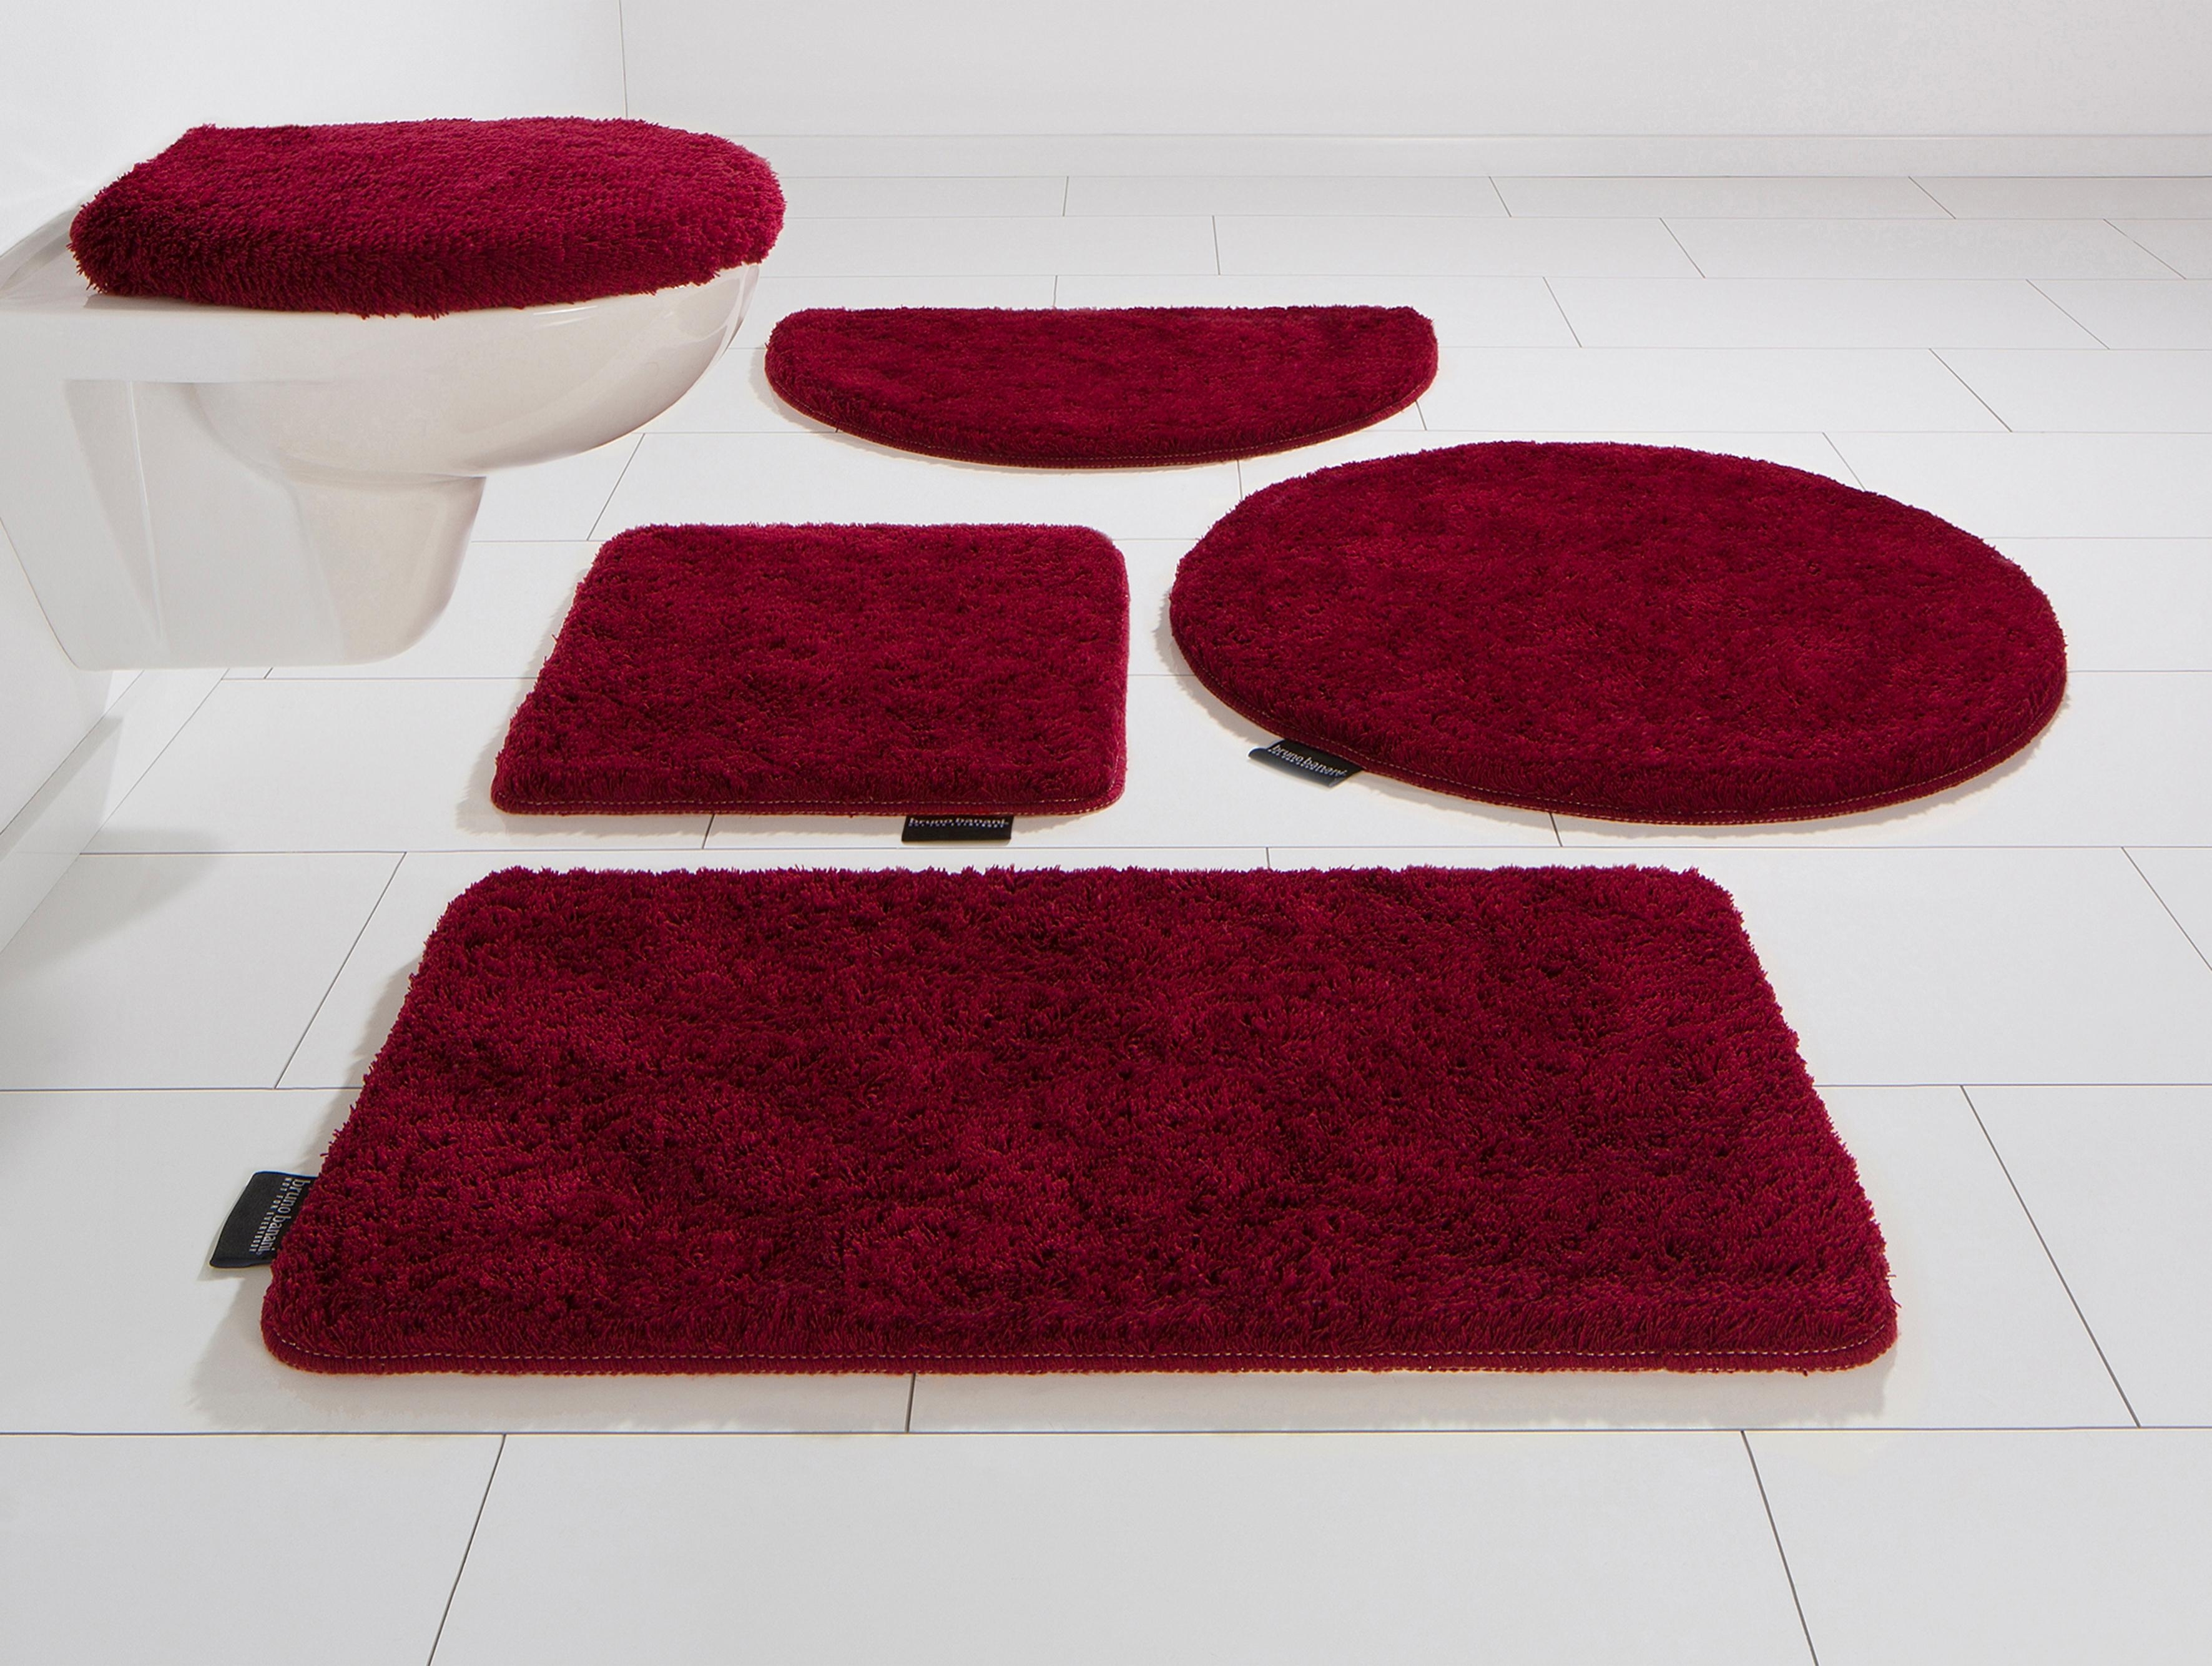 Goedkope Badkamer Matten : Badmatten online kopen? kijk in onze webshop otto